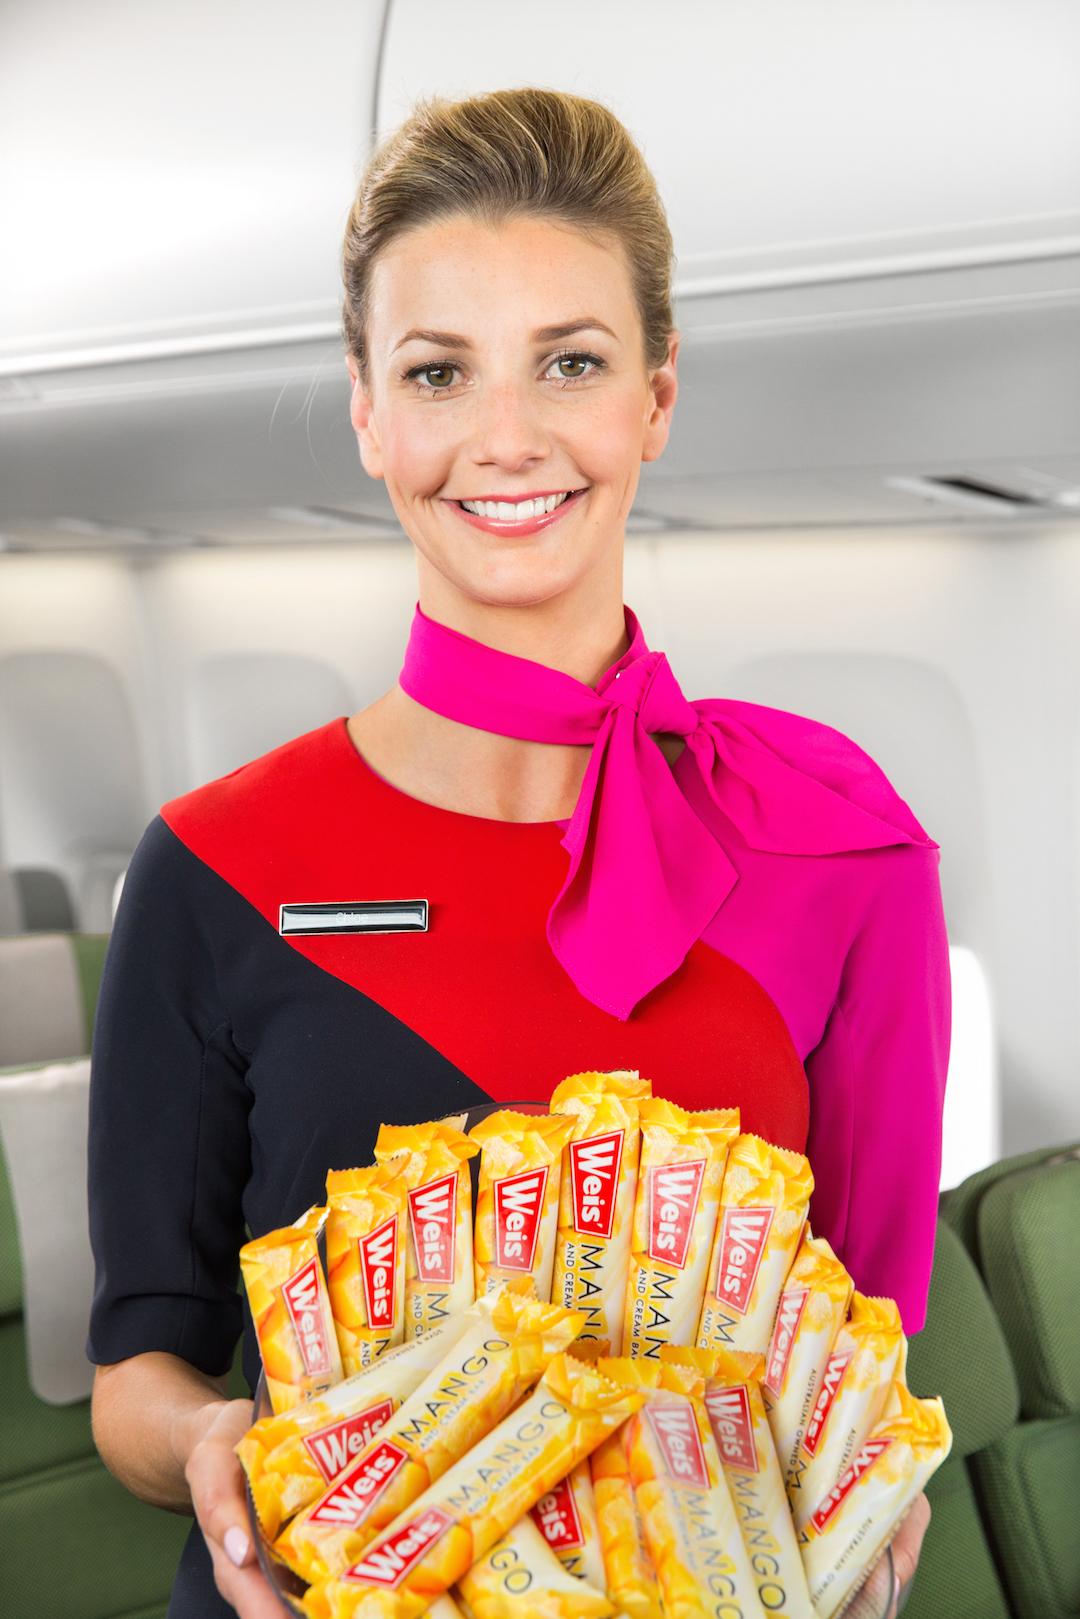 Sorvete está disponível entre as refeições na econômica da Qantas. (Divulgação)